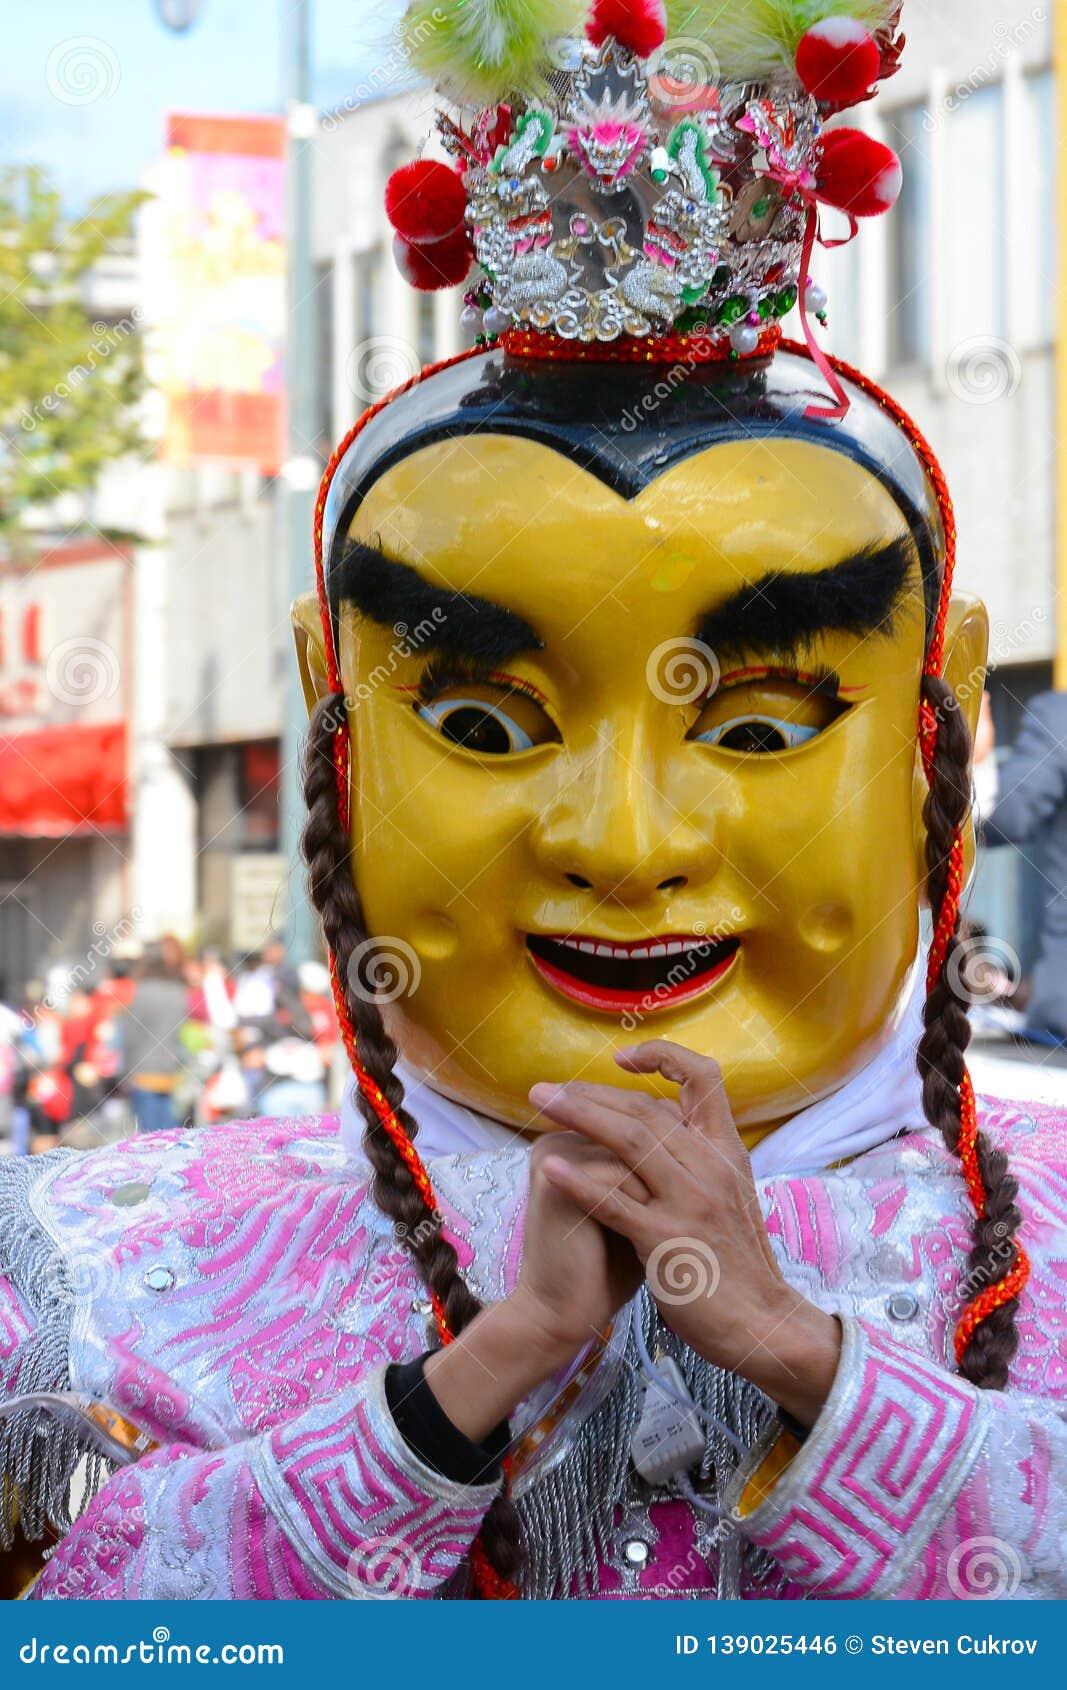 Ausführender in der Maske und Kostüm bei goldenen Dragon Parade, das Chinesische Neujahrsfest feiernd